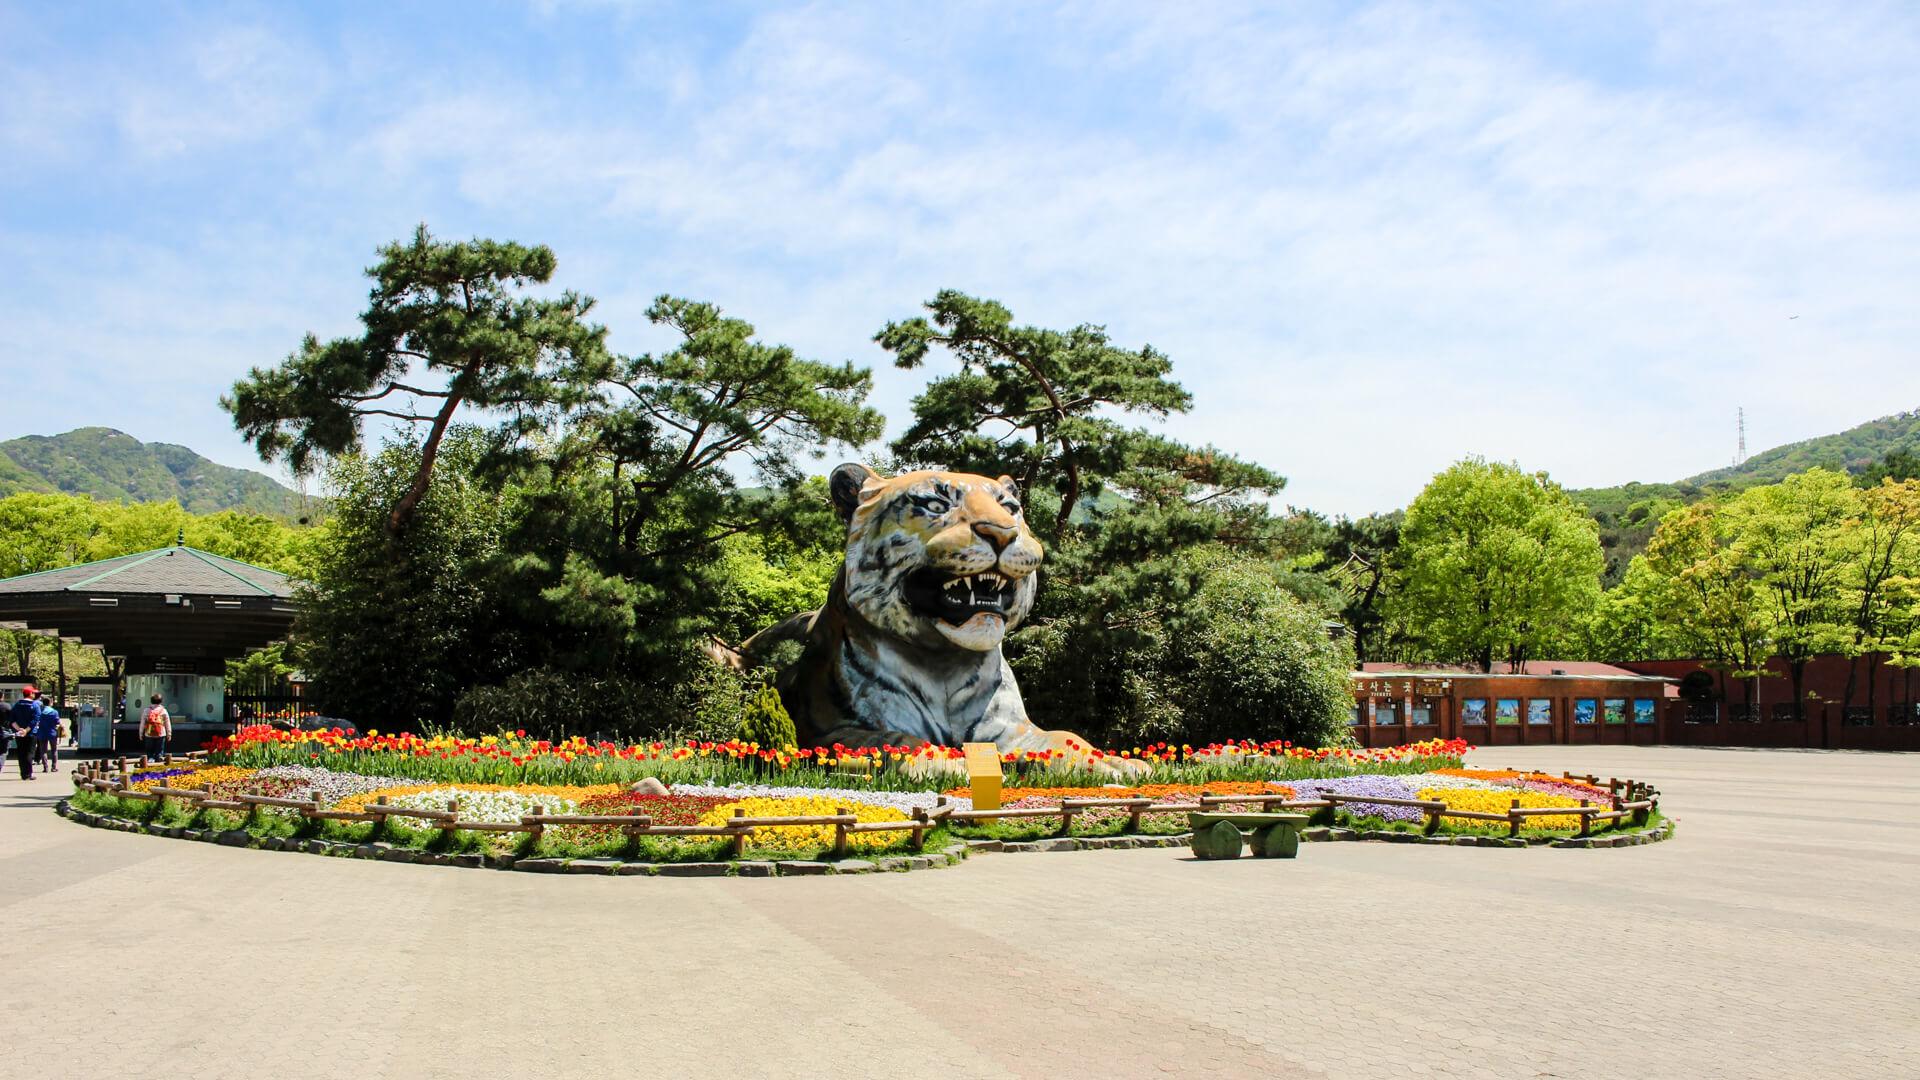 สวนสัตว์โซล (Seoul Zoo)